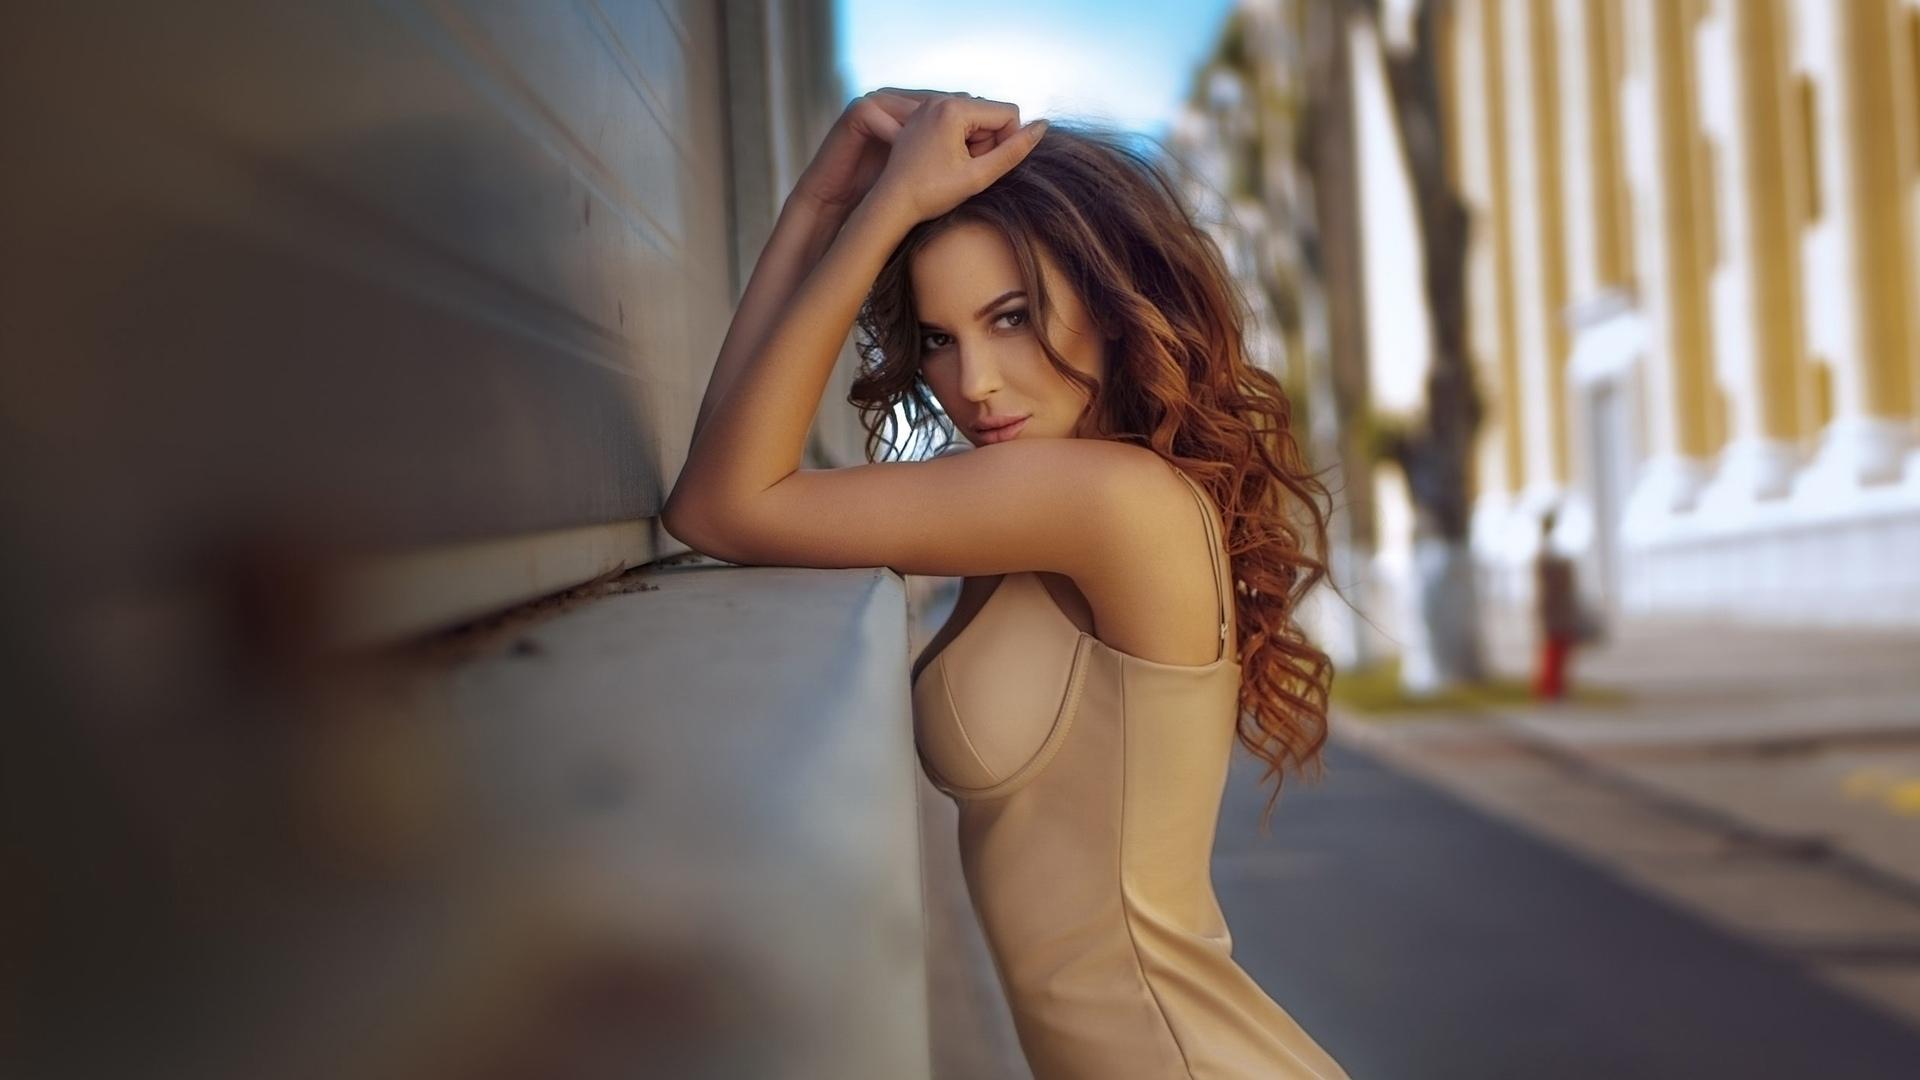 绰约多姿的欧美美女写真